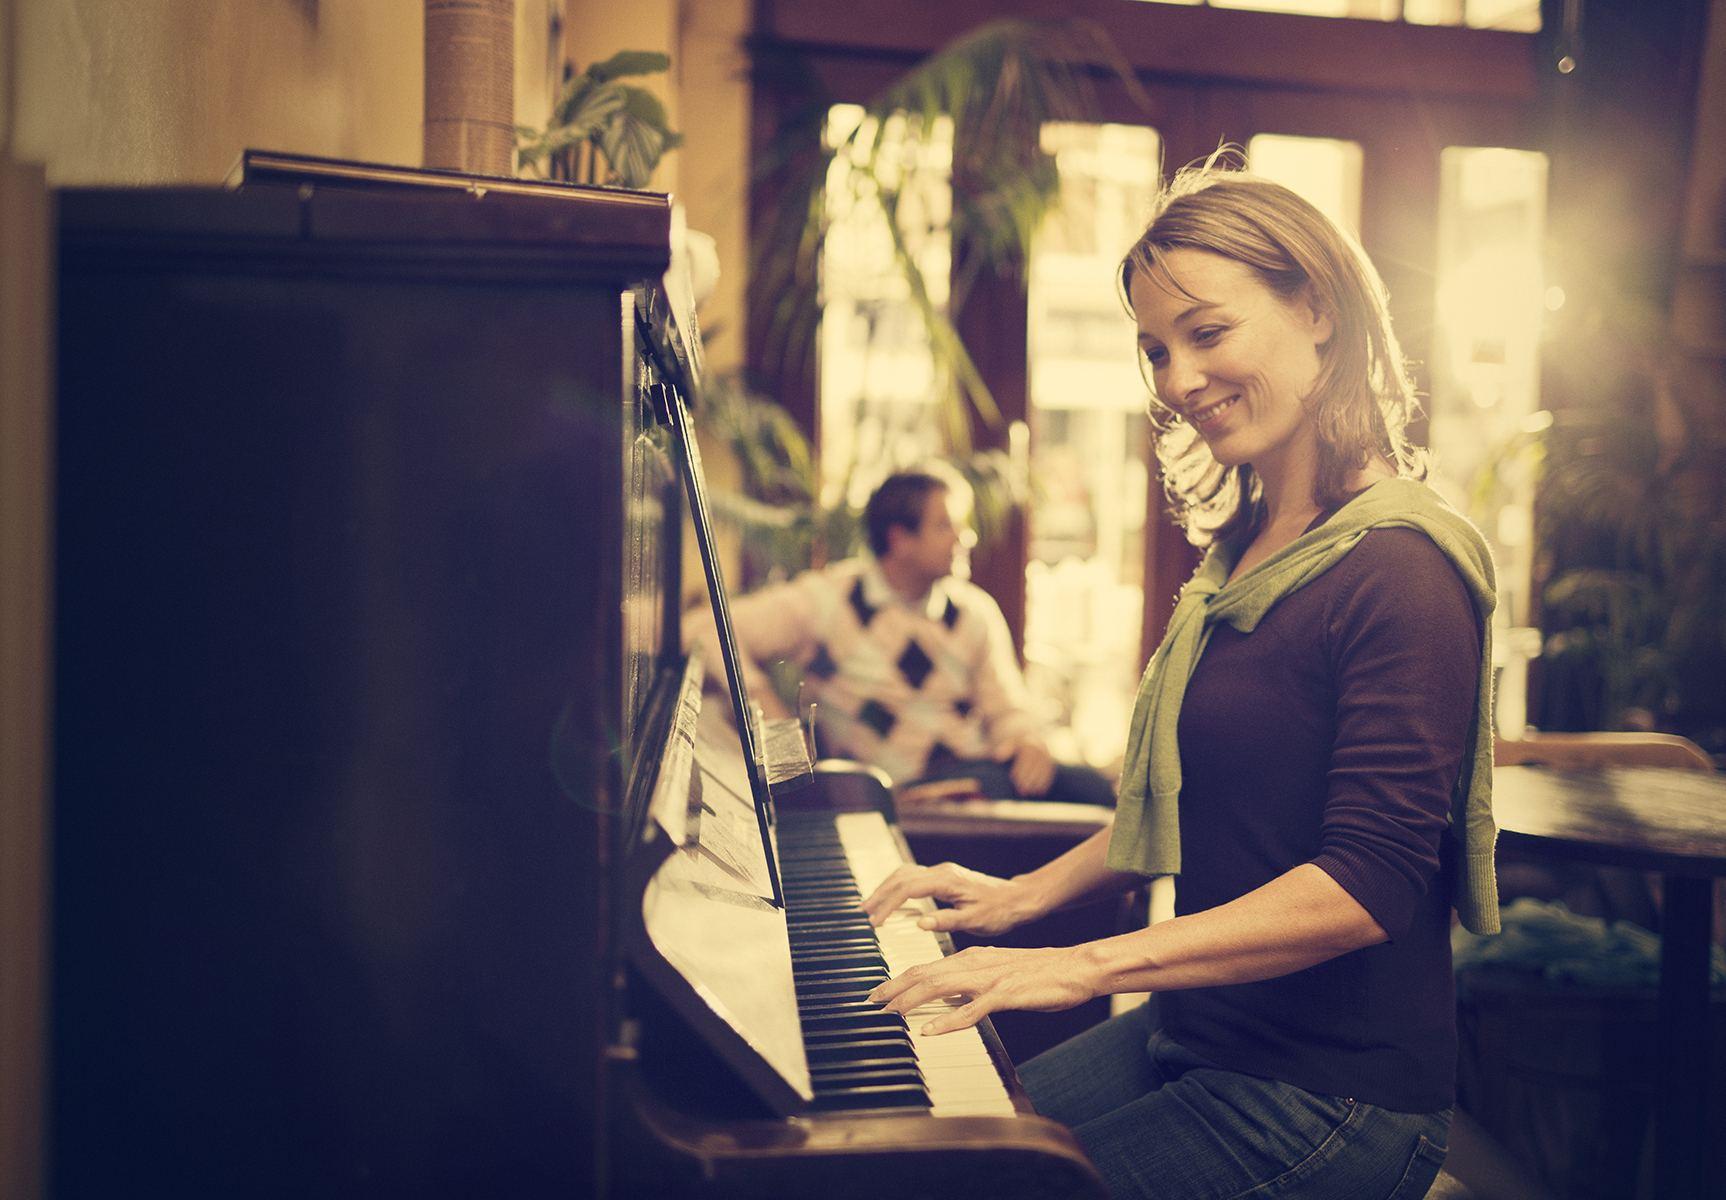 学琴要养成自己的练琴习惯